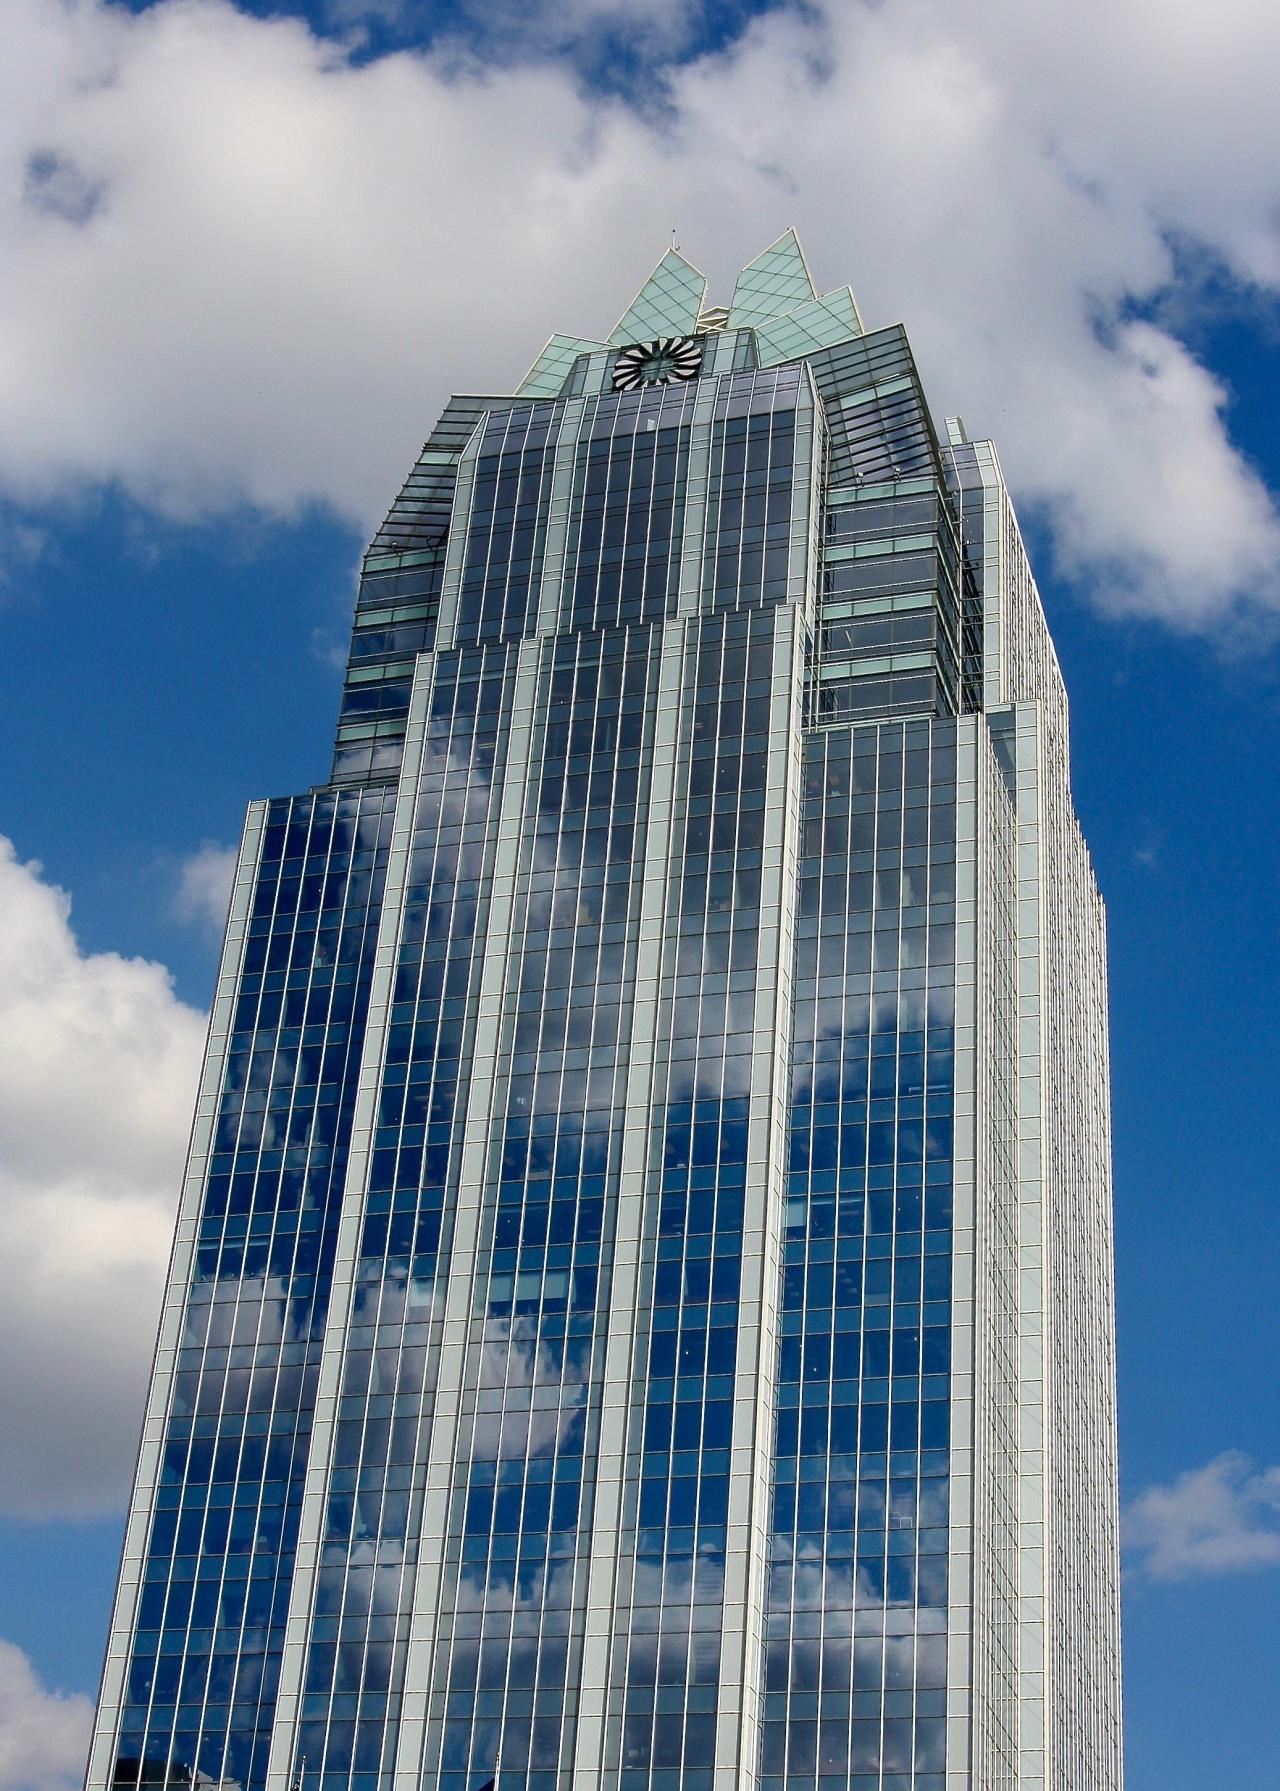 Cloud Reflection Building Austin TX 03-2007